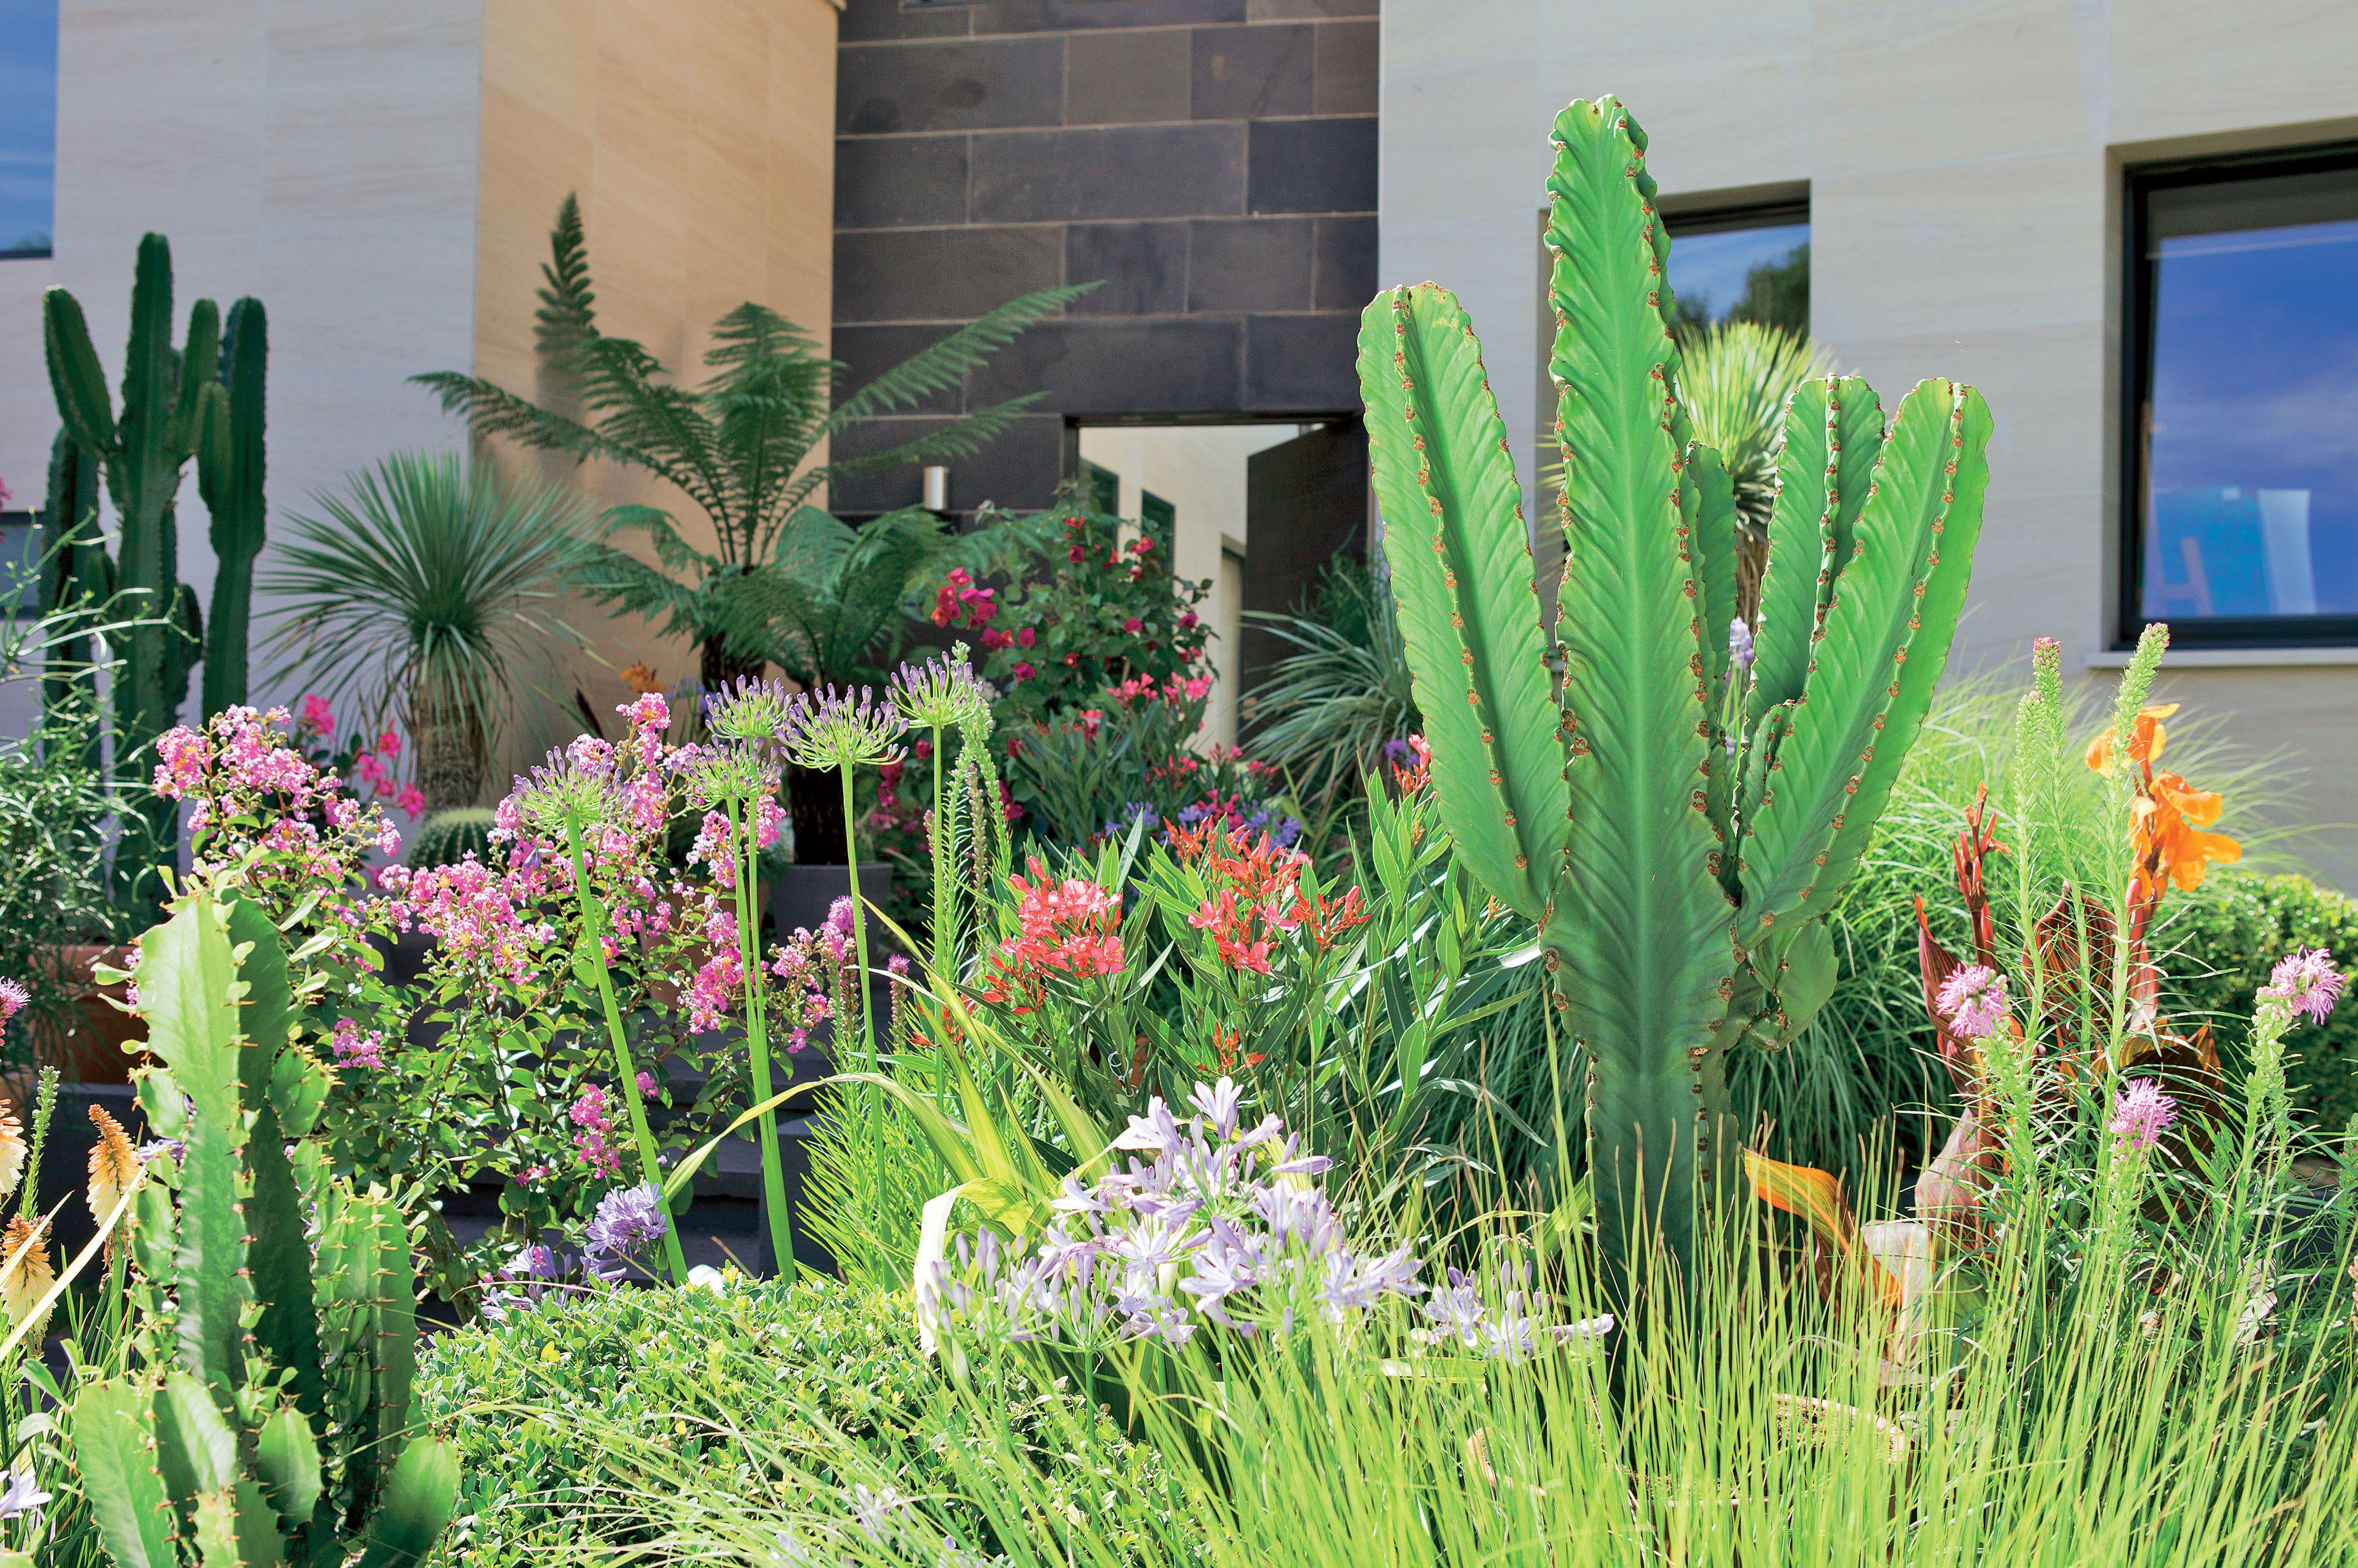 Un Jardin Exotique Colore Depaysant C Est Possible Bananier